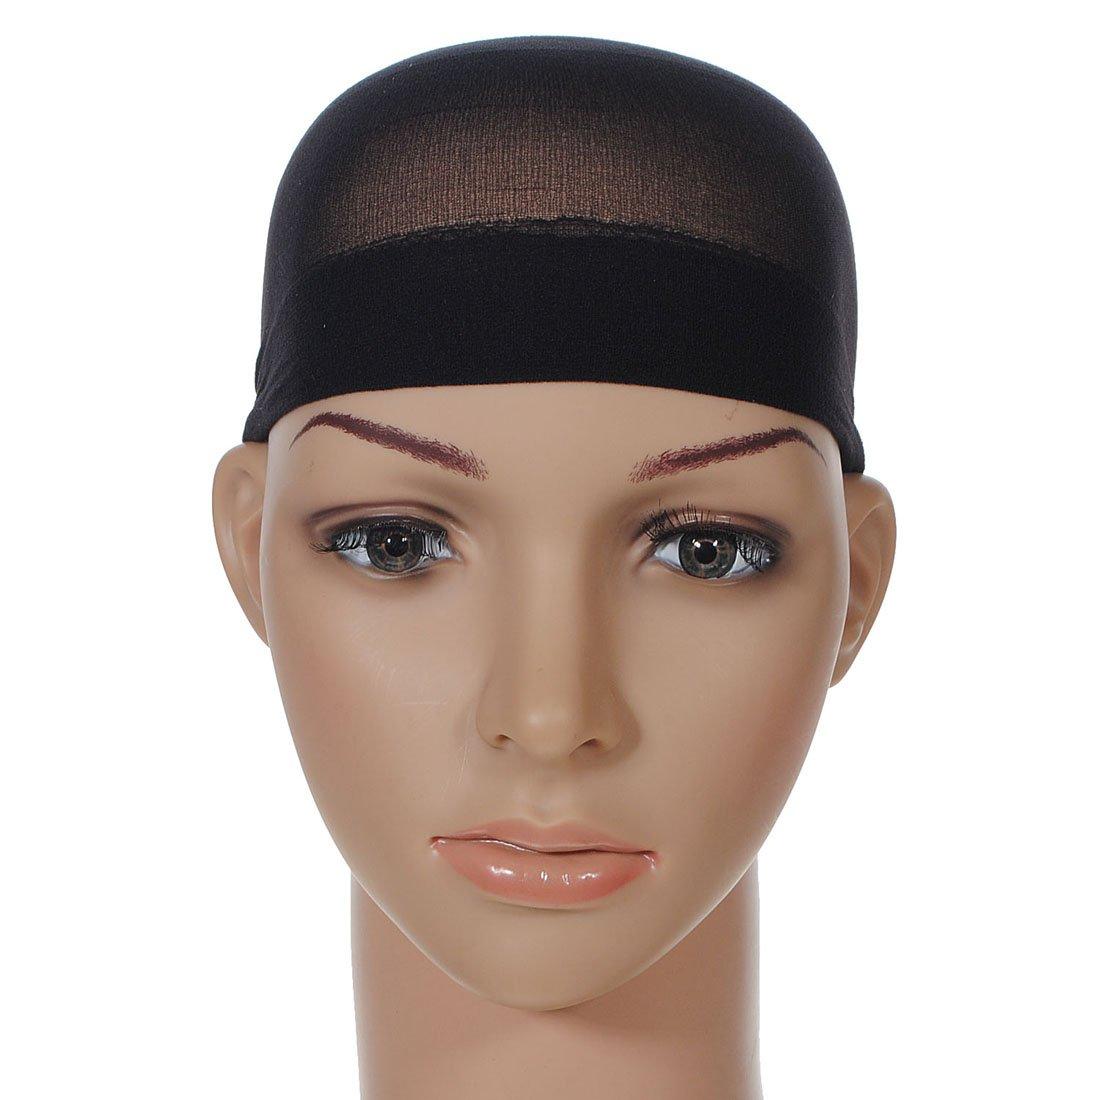 Super Accessoires de coiffure : Amazon.fr JG84